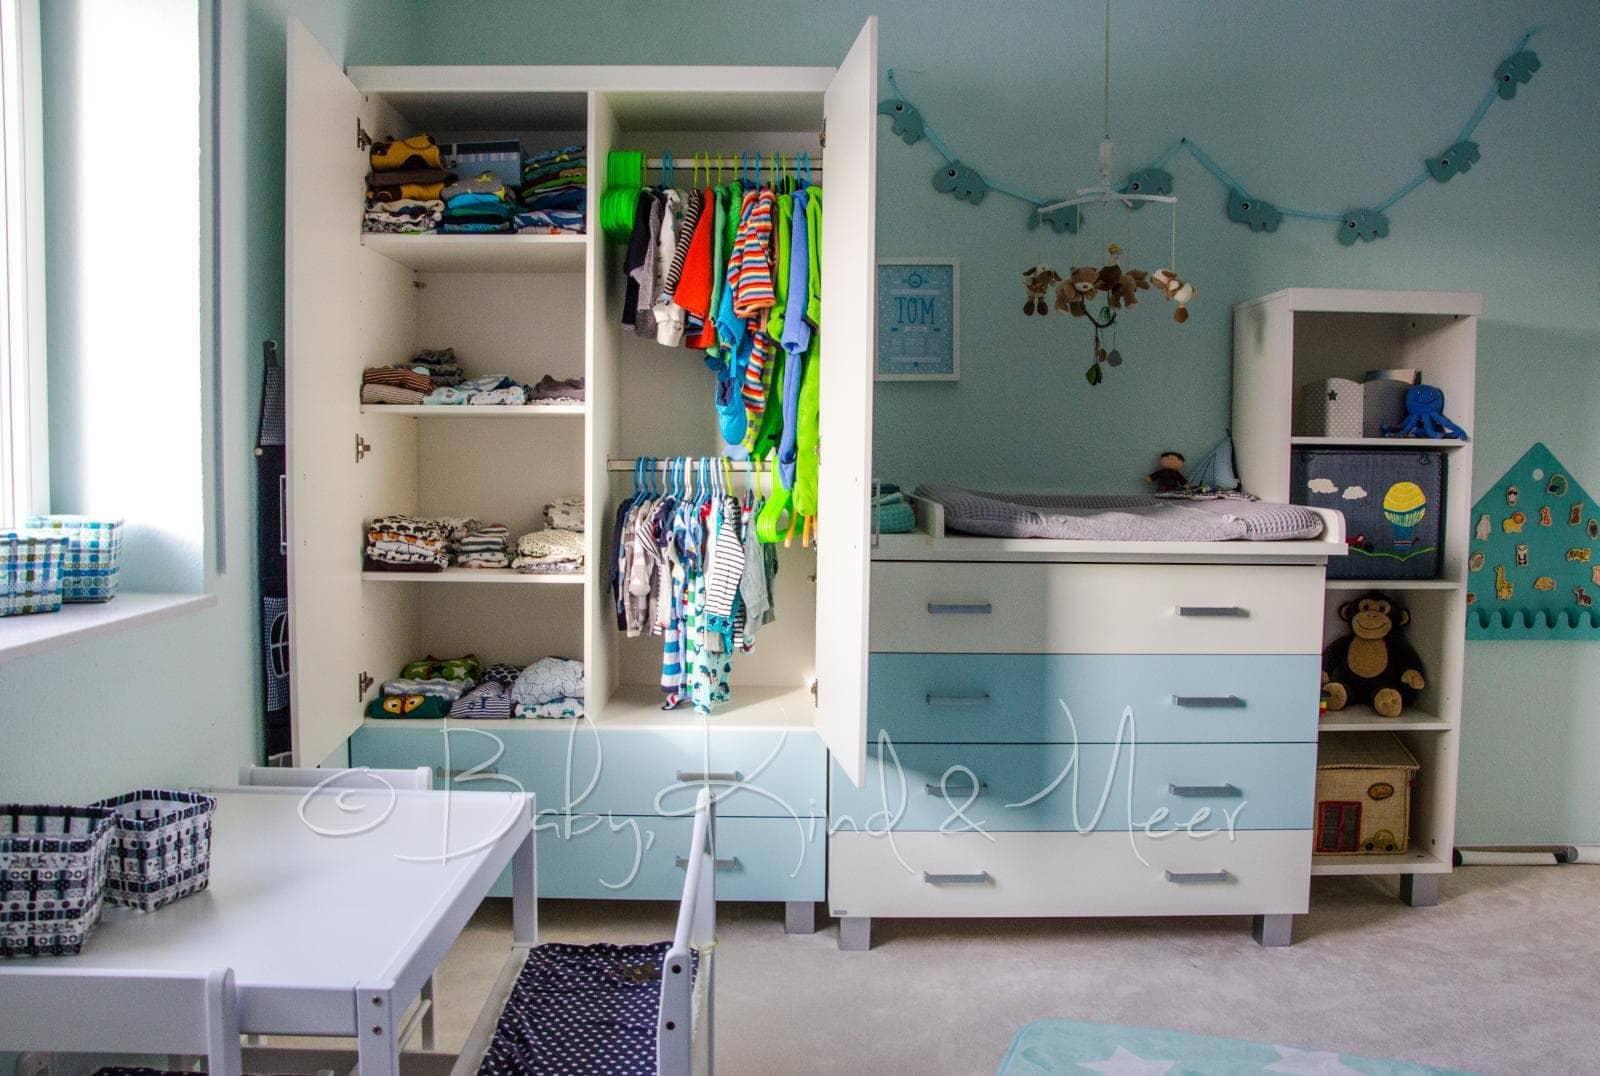 Prinzipiell Spiegeln Sich In Toms Zimmer Also Die Gleichen Möbel Wie Die  Der Mädels Wider. Anstelle Von Rosafarbenen Schubladen Allerdings Mit  Blauen.